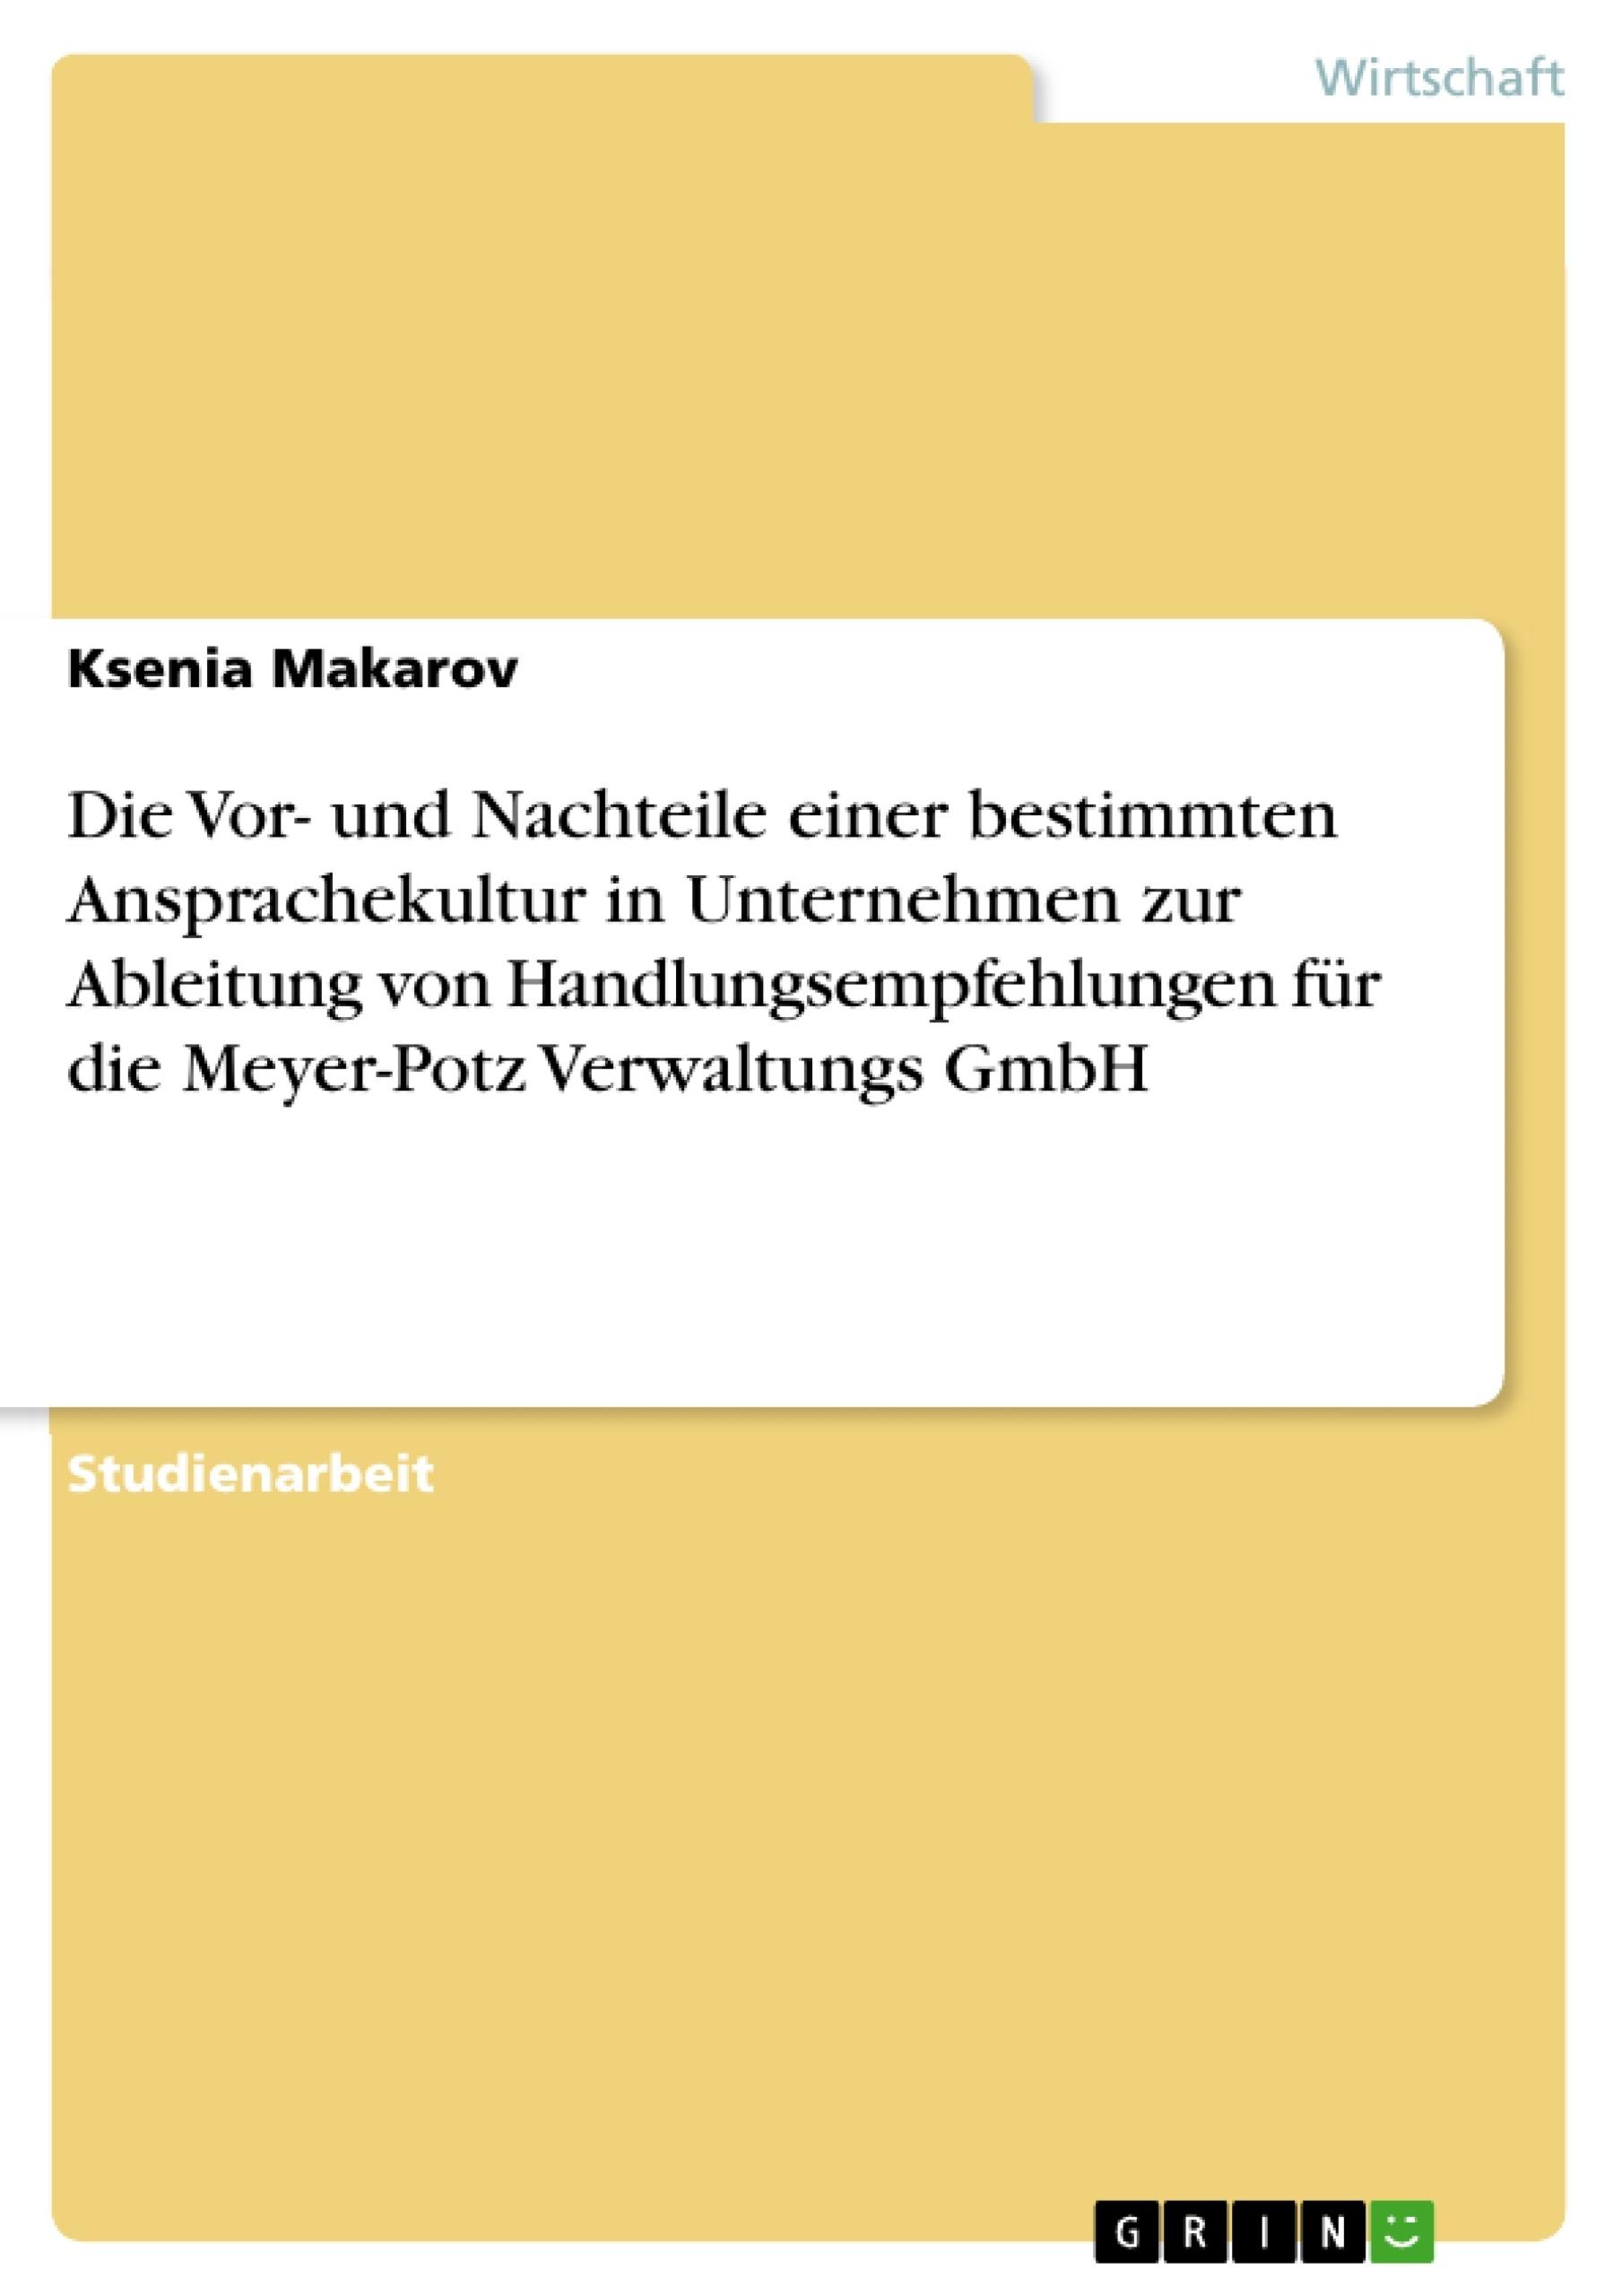 Titel: Die Vor- und Nachteile einer bestimmten Ansprachekultur in Unternehmen zur Ableitung von Handlungsempfehlungen für die Meyer-Potz Verwaltungs GmbH